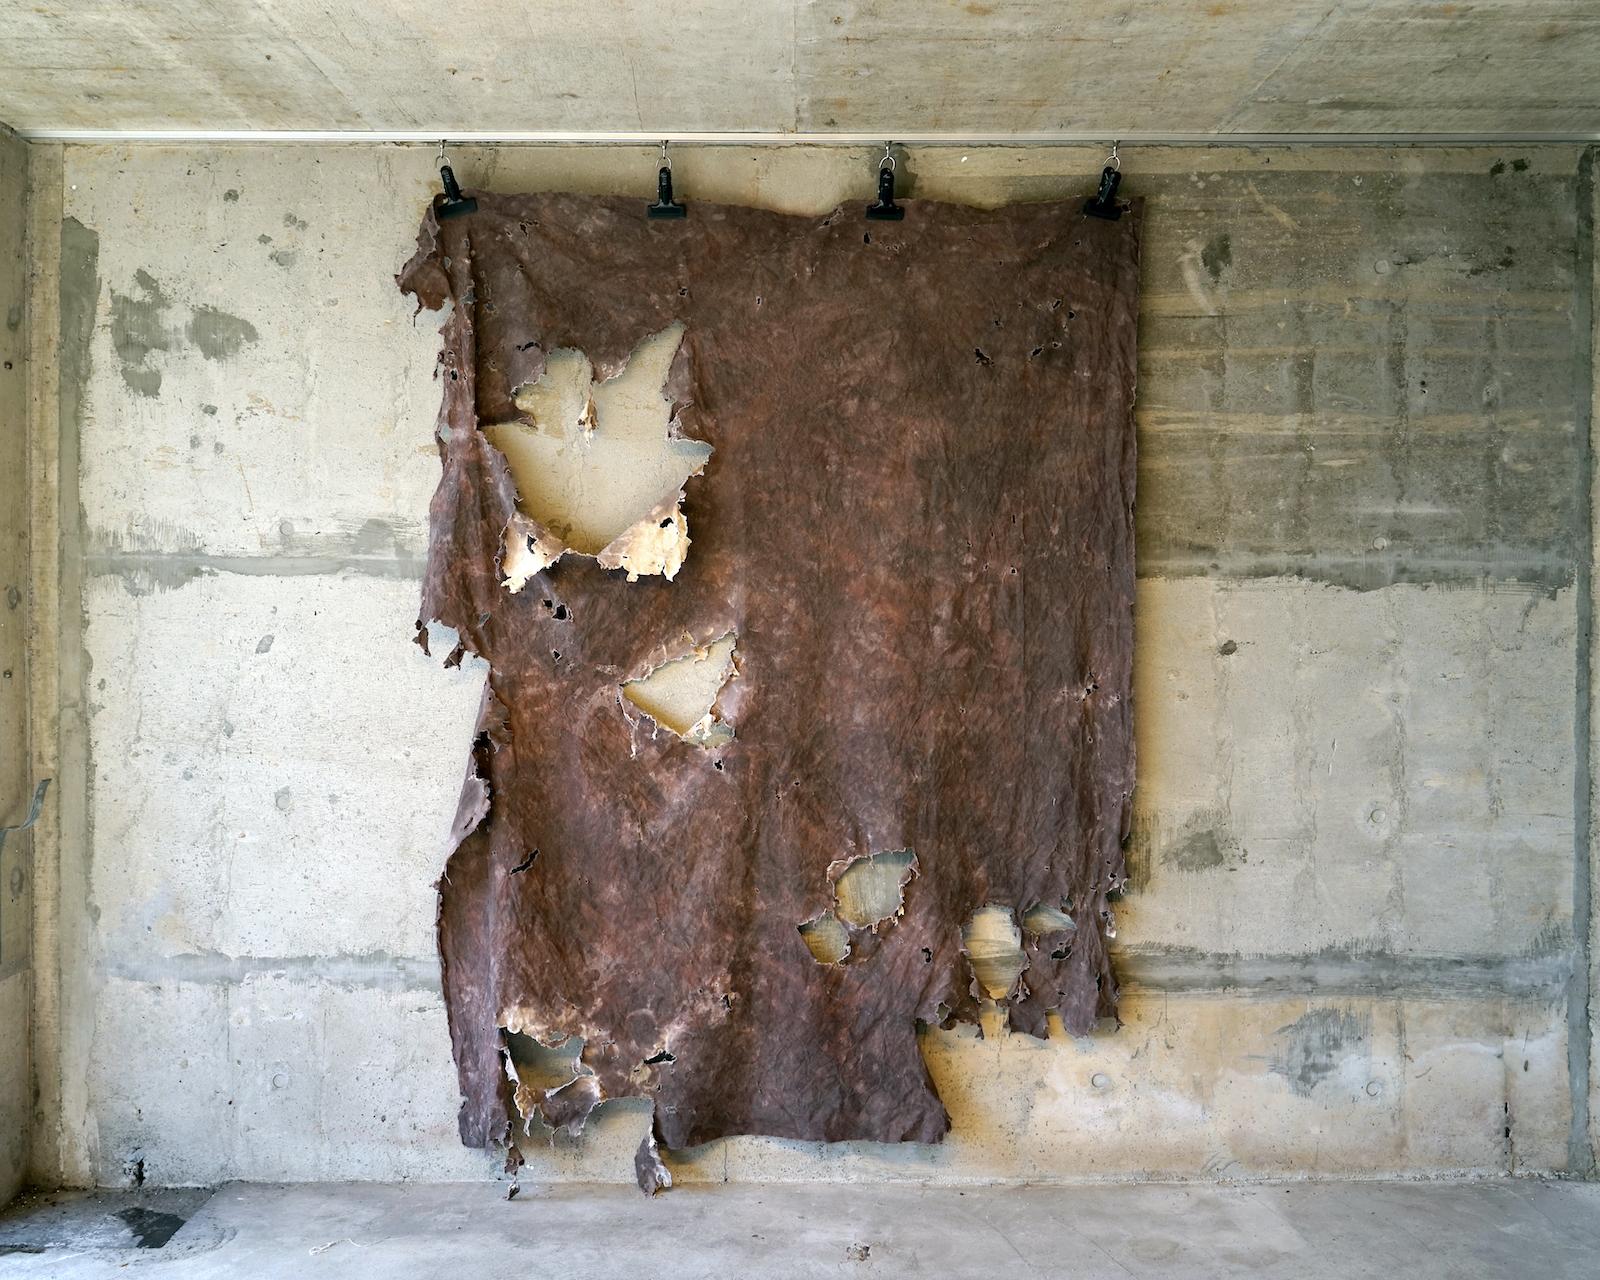 自然に委ねるアートの話 −桜島・火山灰、奄美大島・泥染− | ローカル ...